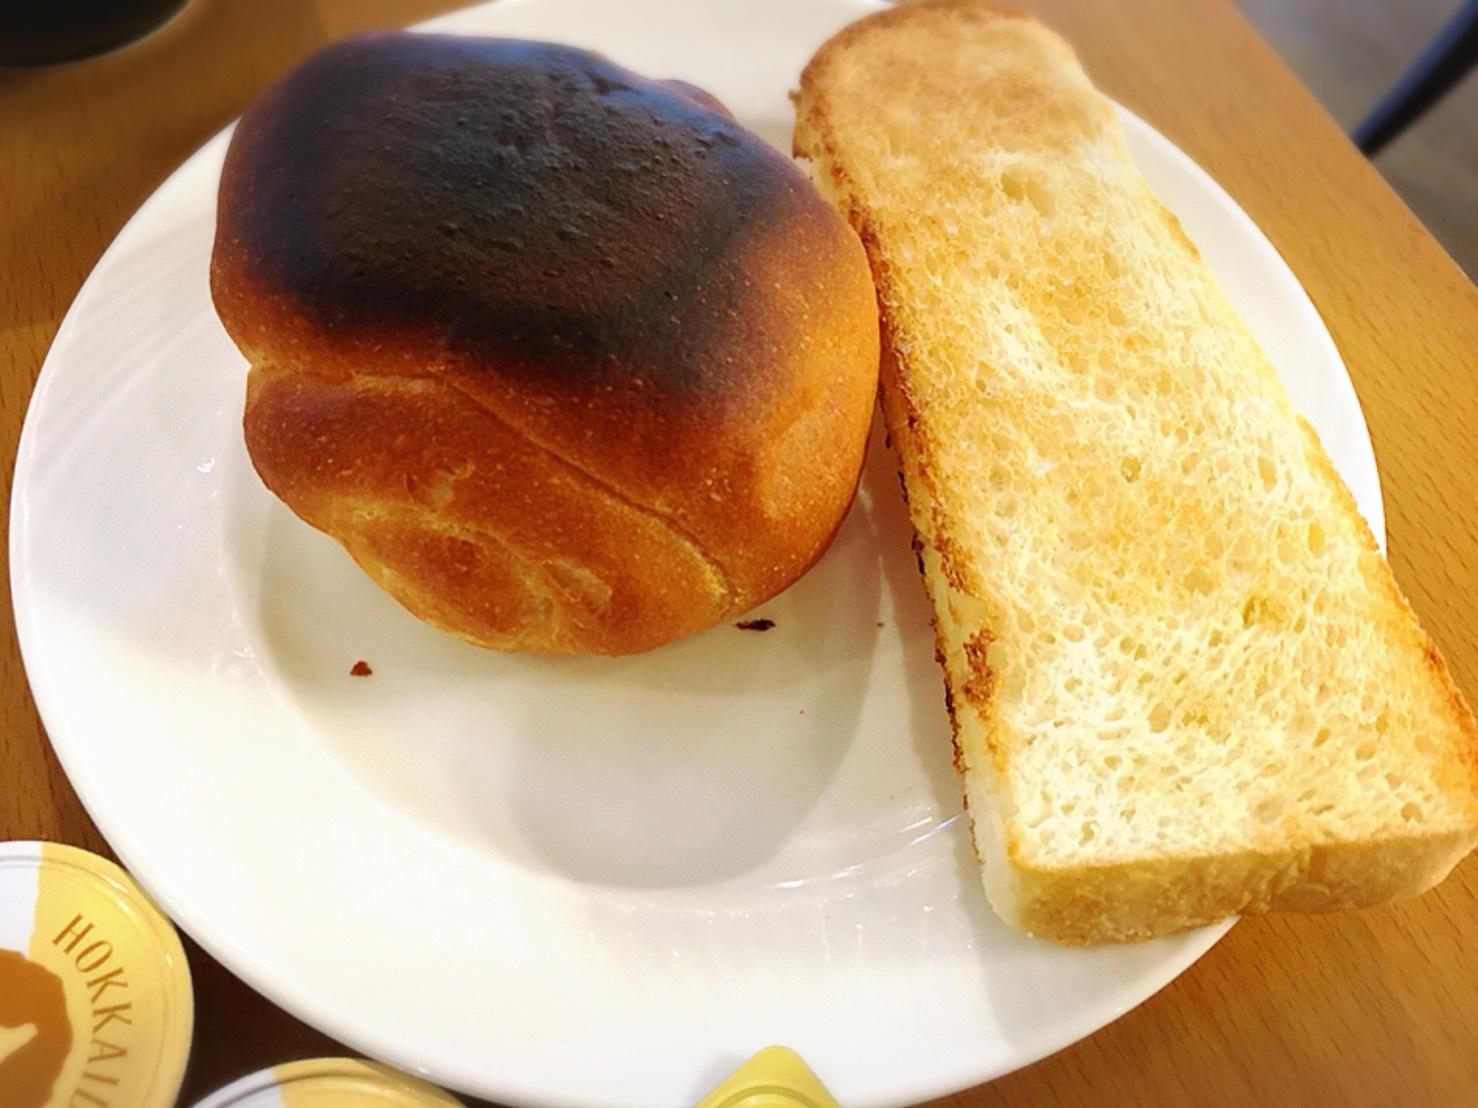 【池袋駅】モーニングビュッフェも最強だったレストラン「ピノ」のパン